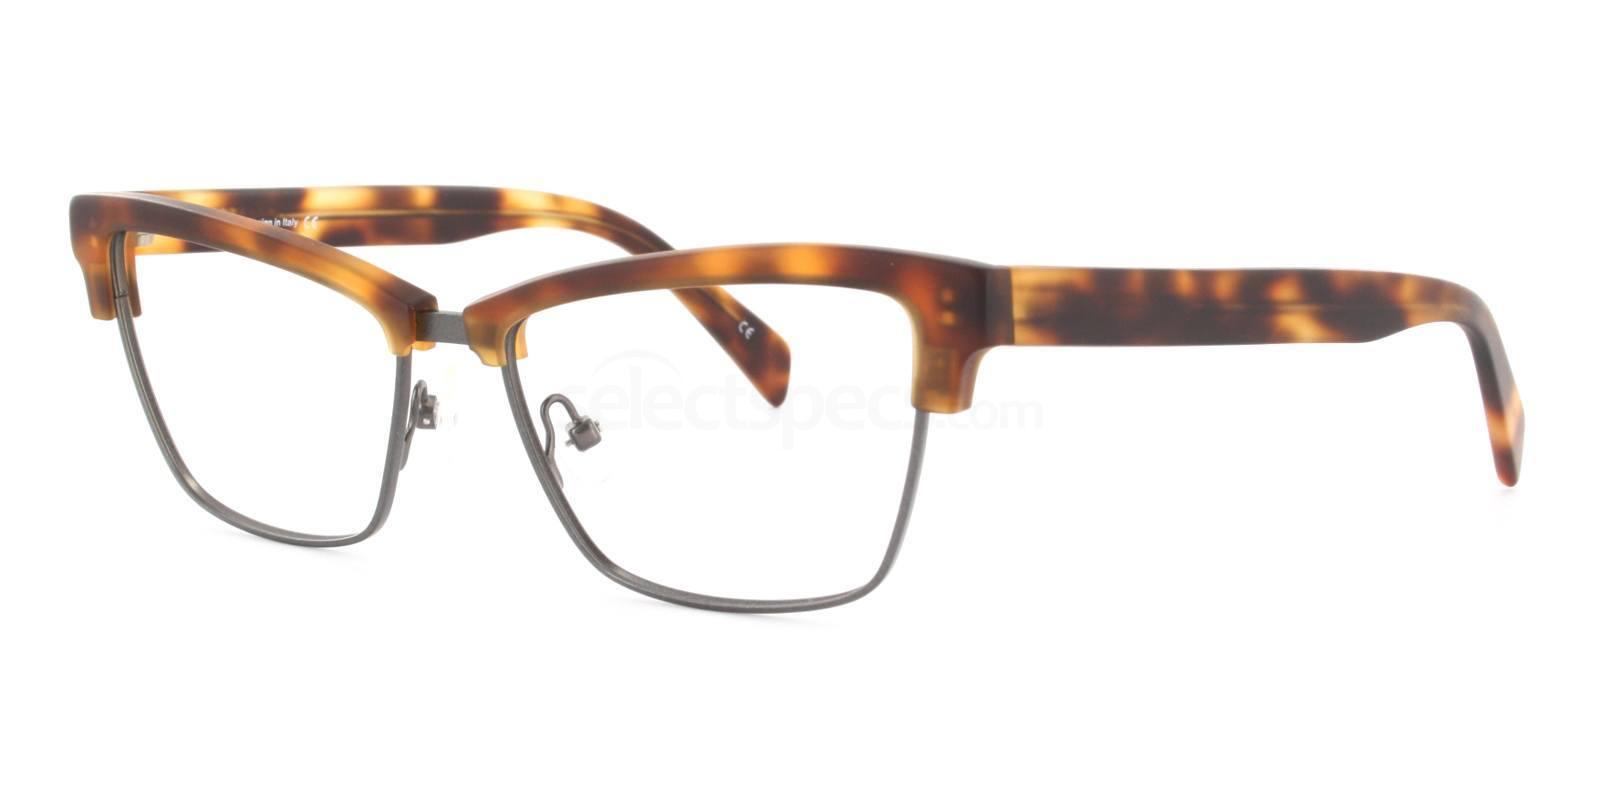 C2 G6663 Glasses, SelectSpecs